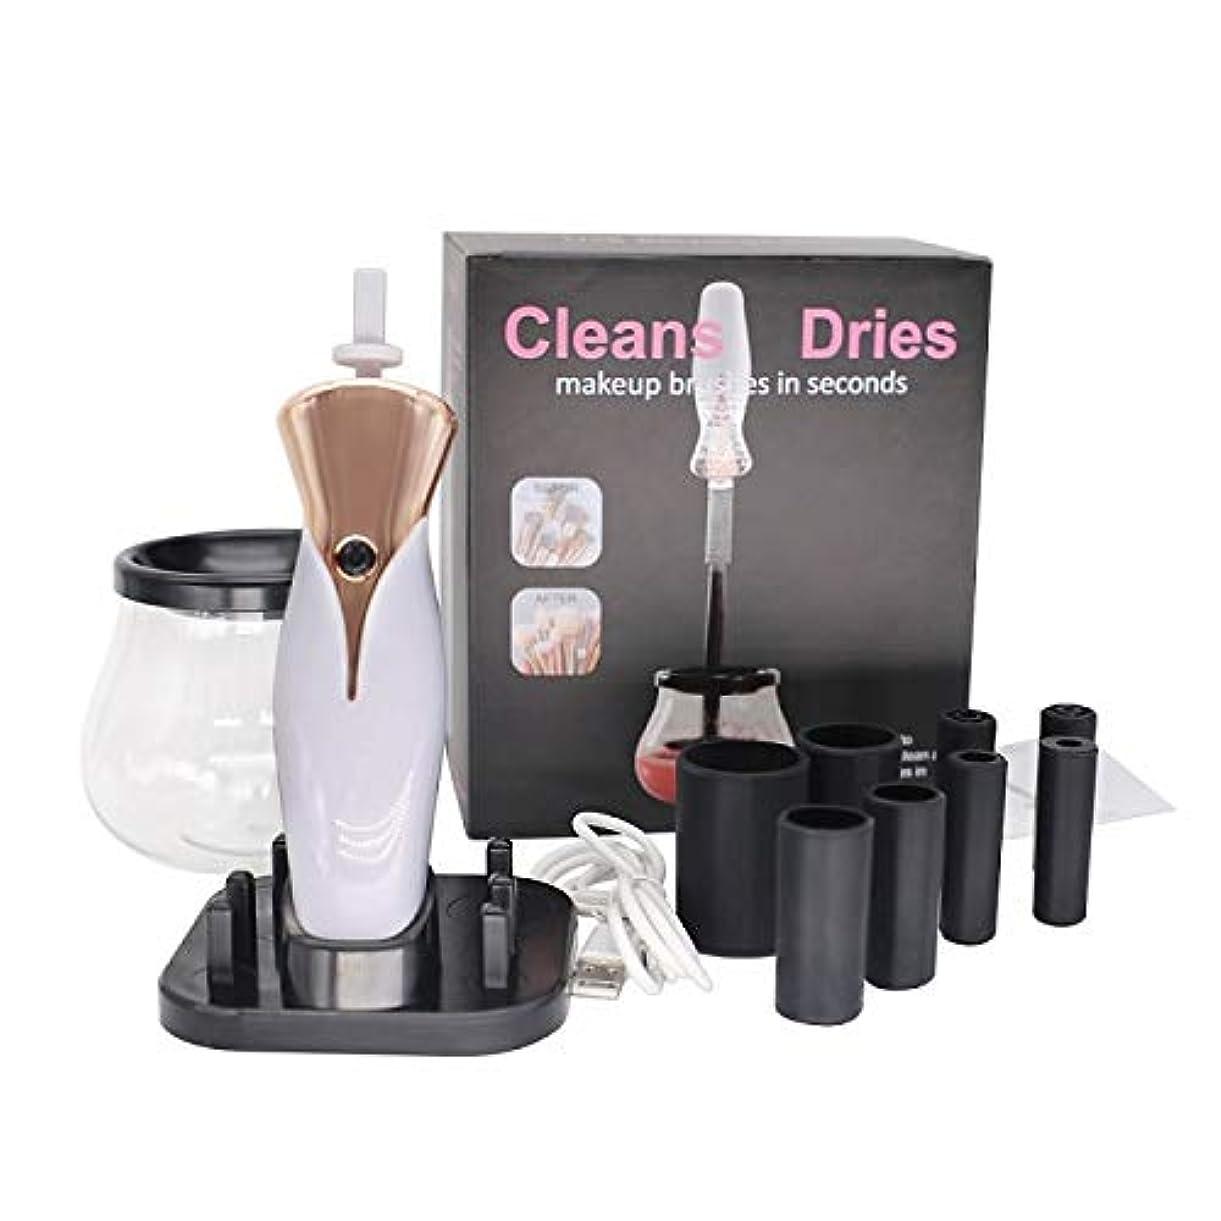 メイクブラシクリーナー 電動メイクブラシクリーナー 乾燥化粧ブラシクリーナー 回転式洗浄器セット 乾燥メイクブラシ洗浄器 化粧ブラシ 化粧筆脱水 自動洗浄 女性へのベストなプレゼント